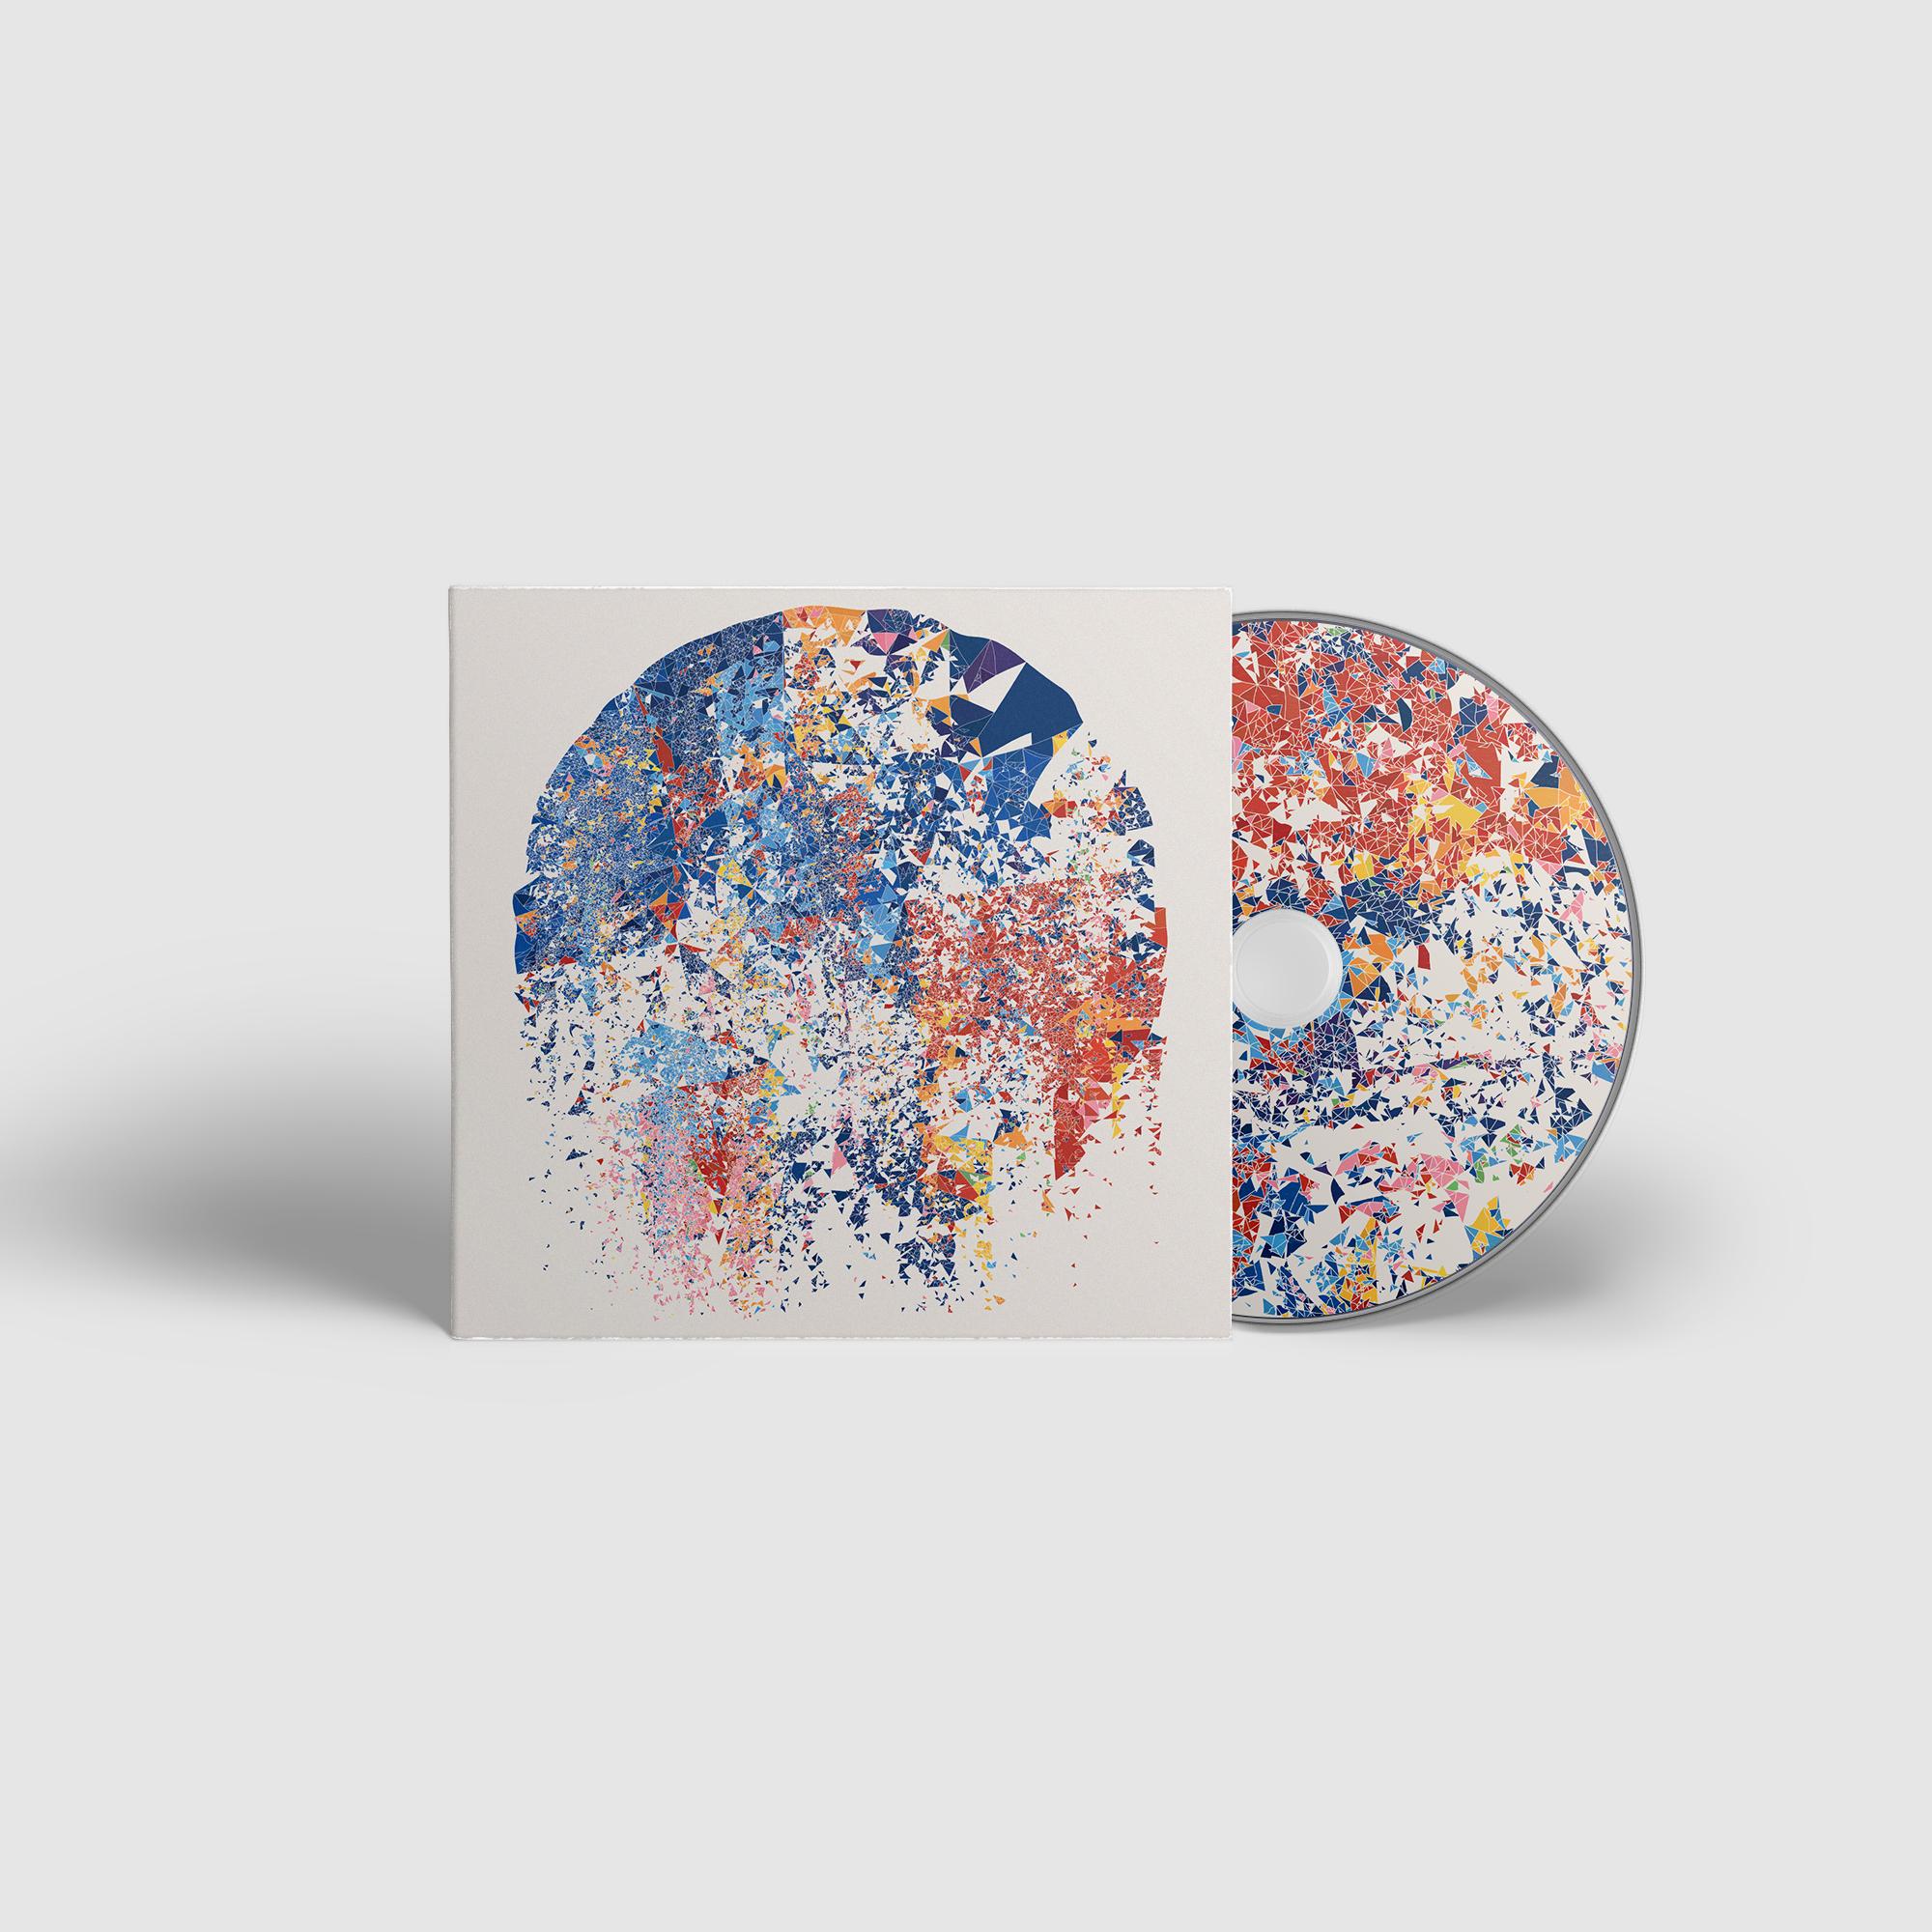 One Hundred Billion Sparks (CD) - Max Cooper